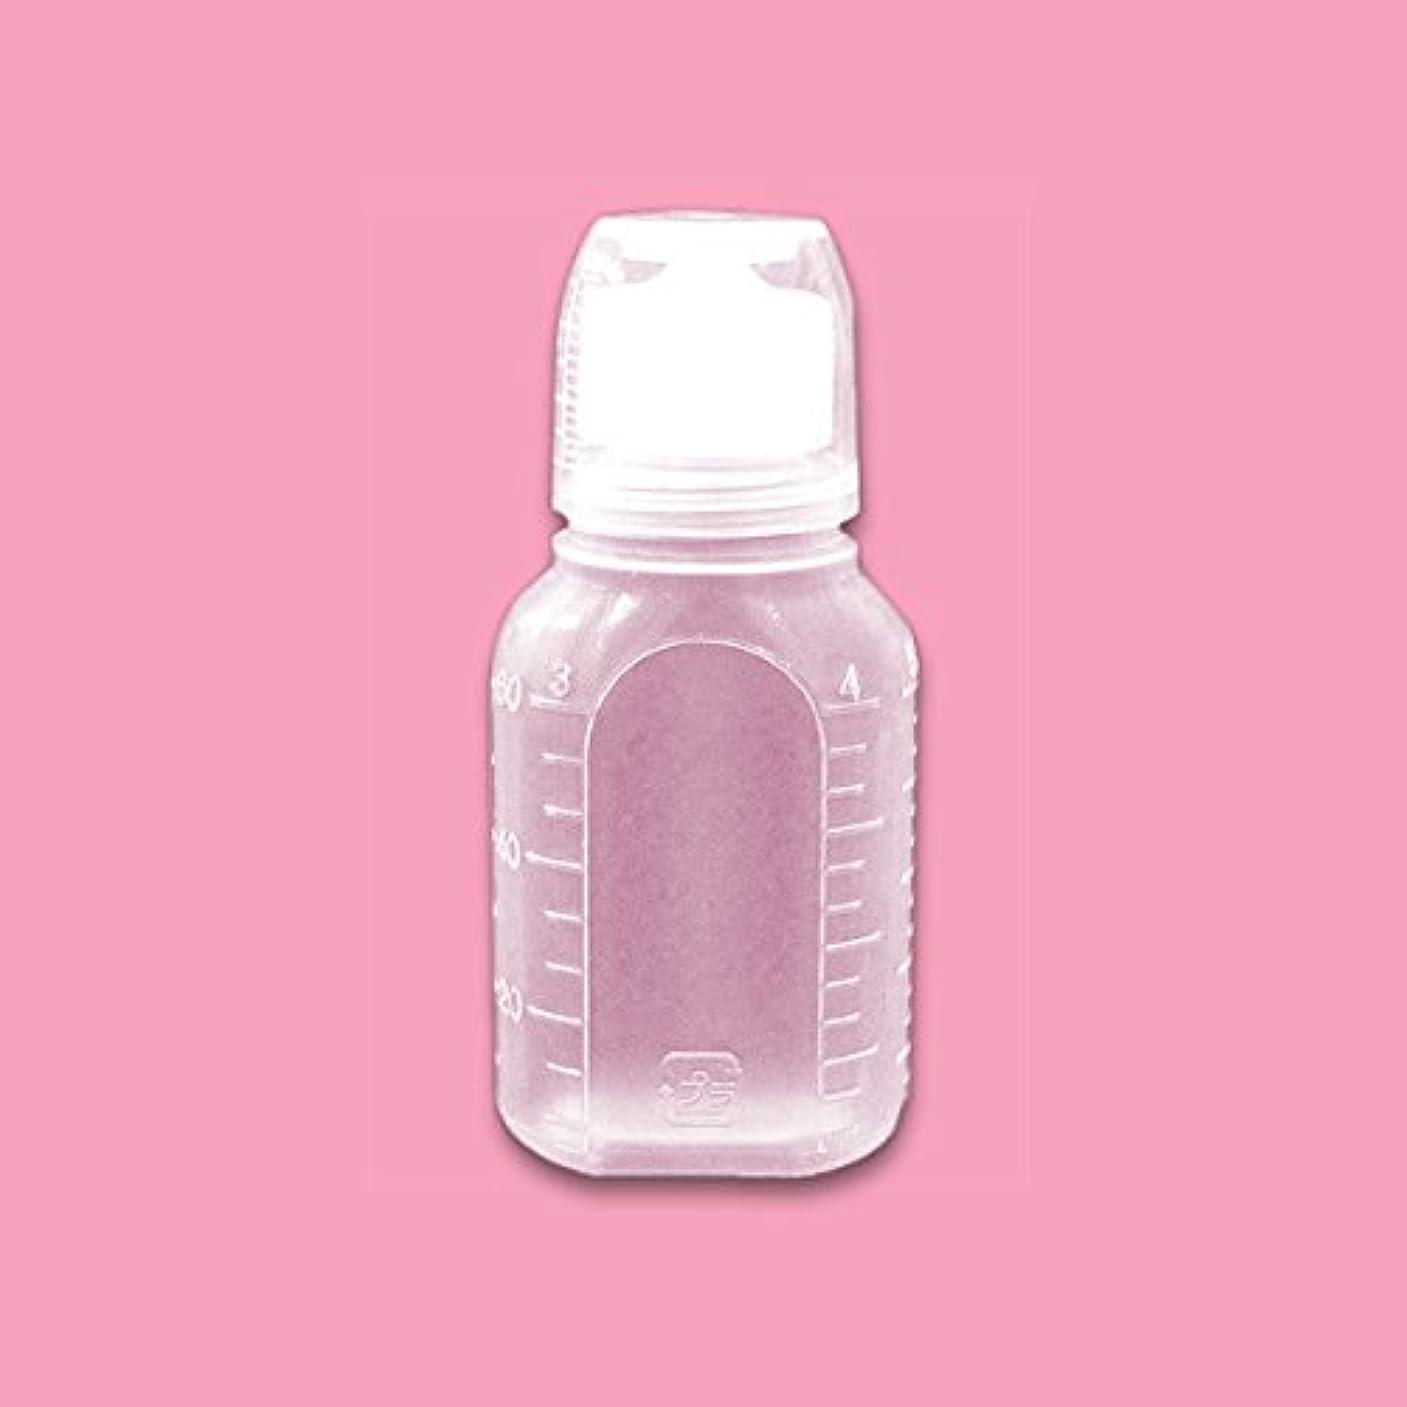 未満植木画面液体用空ボトル 60g 5個入 [ 空ボトル 空容器 詰め替え用 うがい薬 ローションボトル サンプル用 ]◆